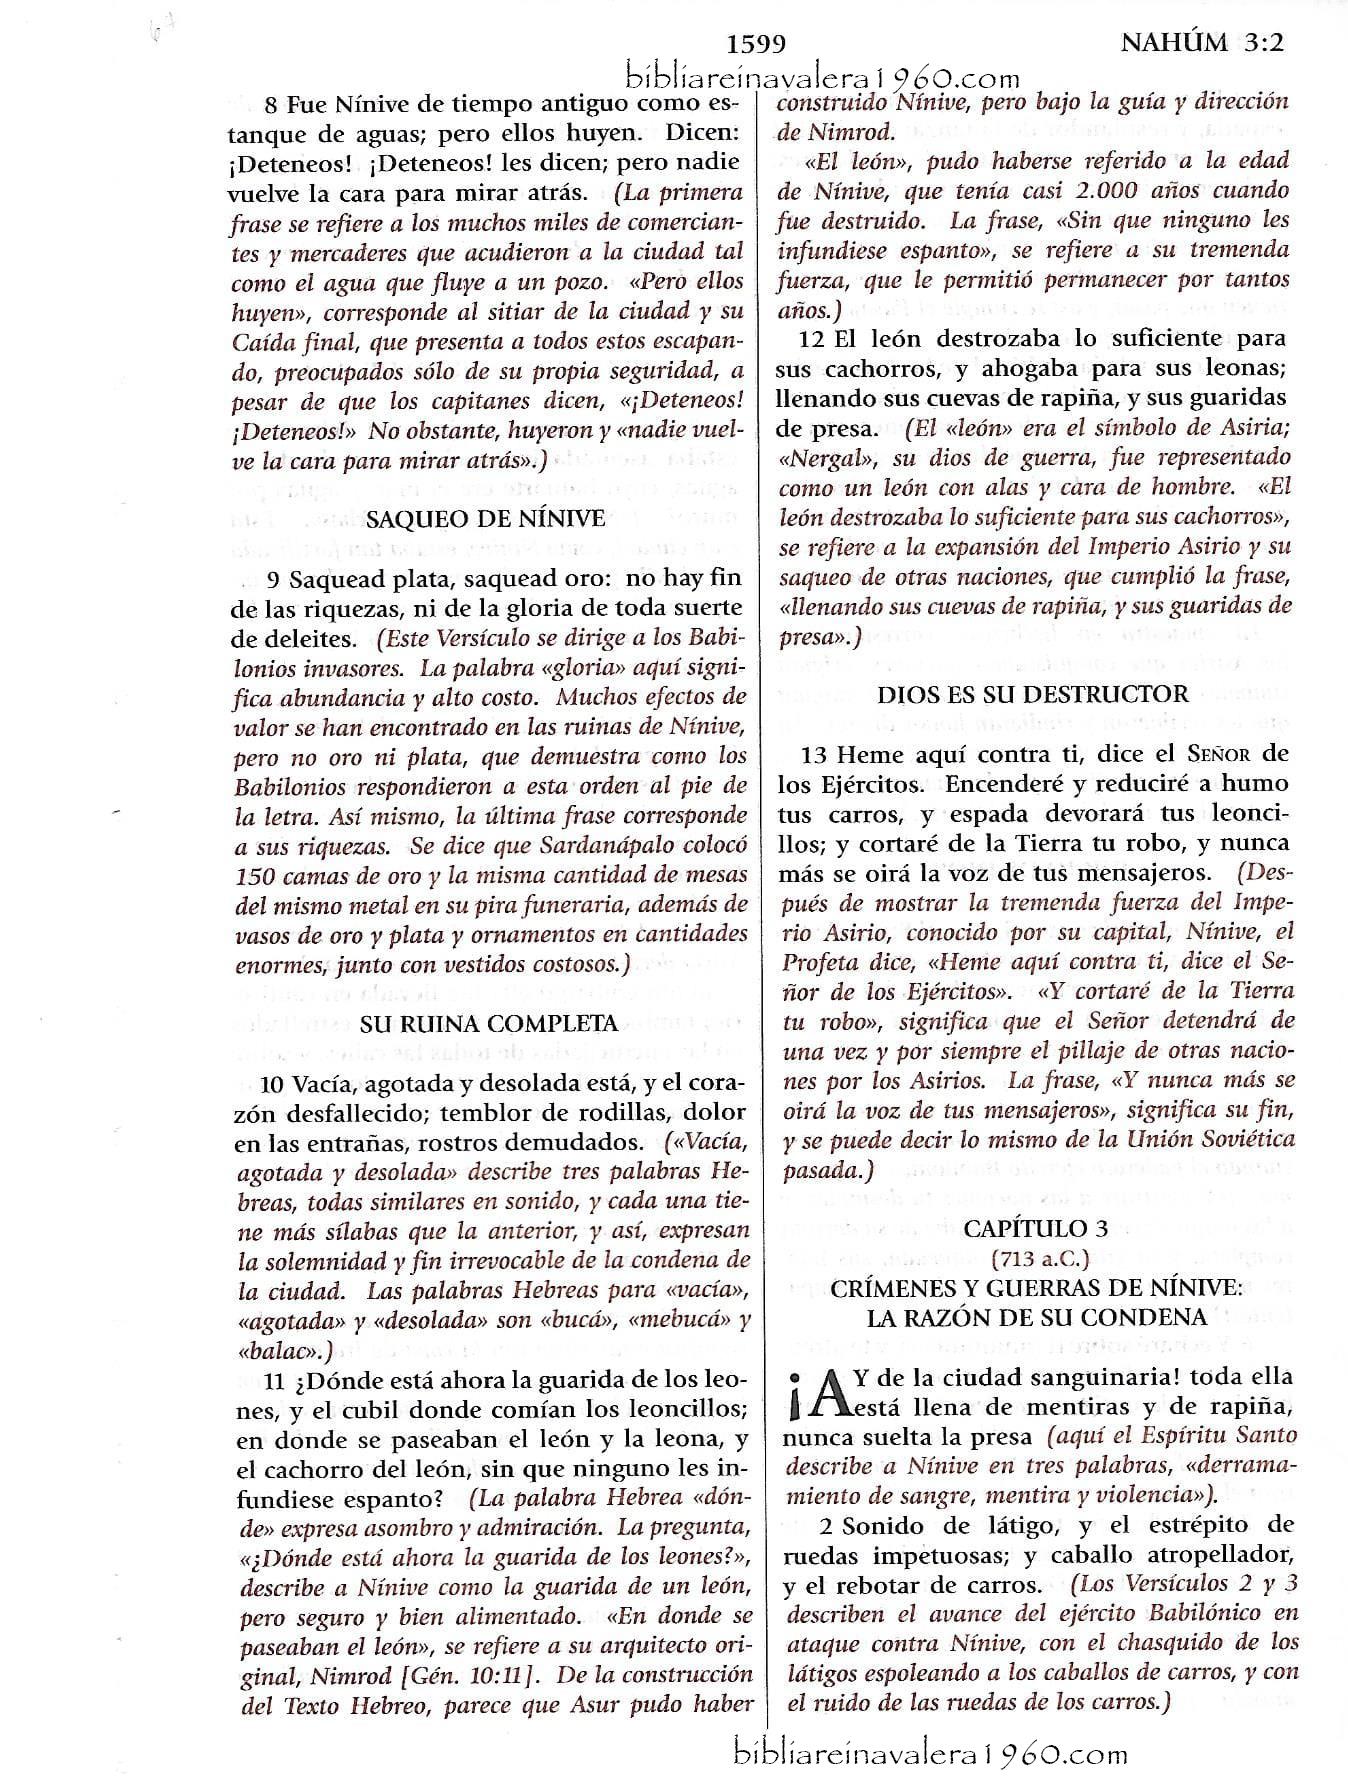 nahum 2 explicacion 1599